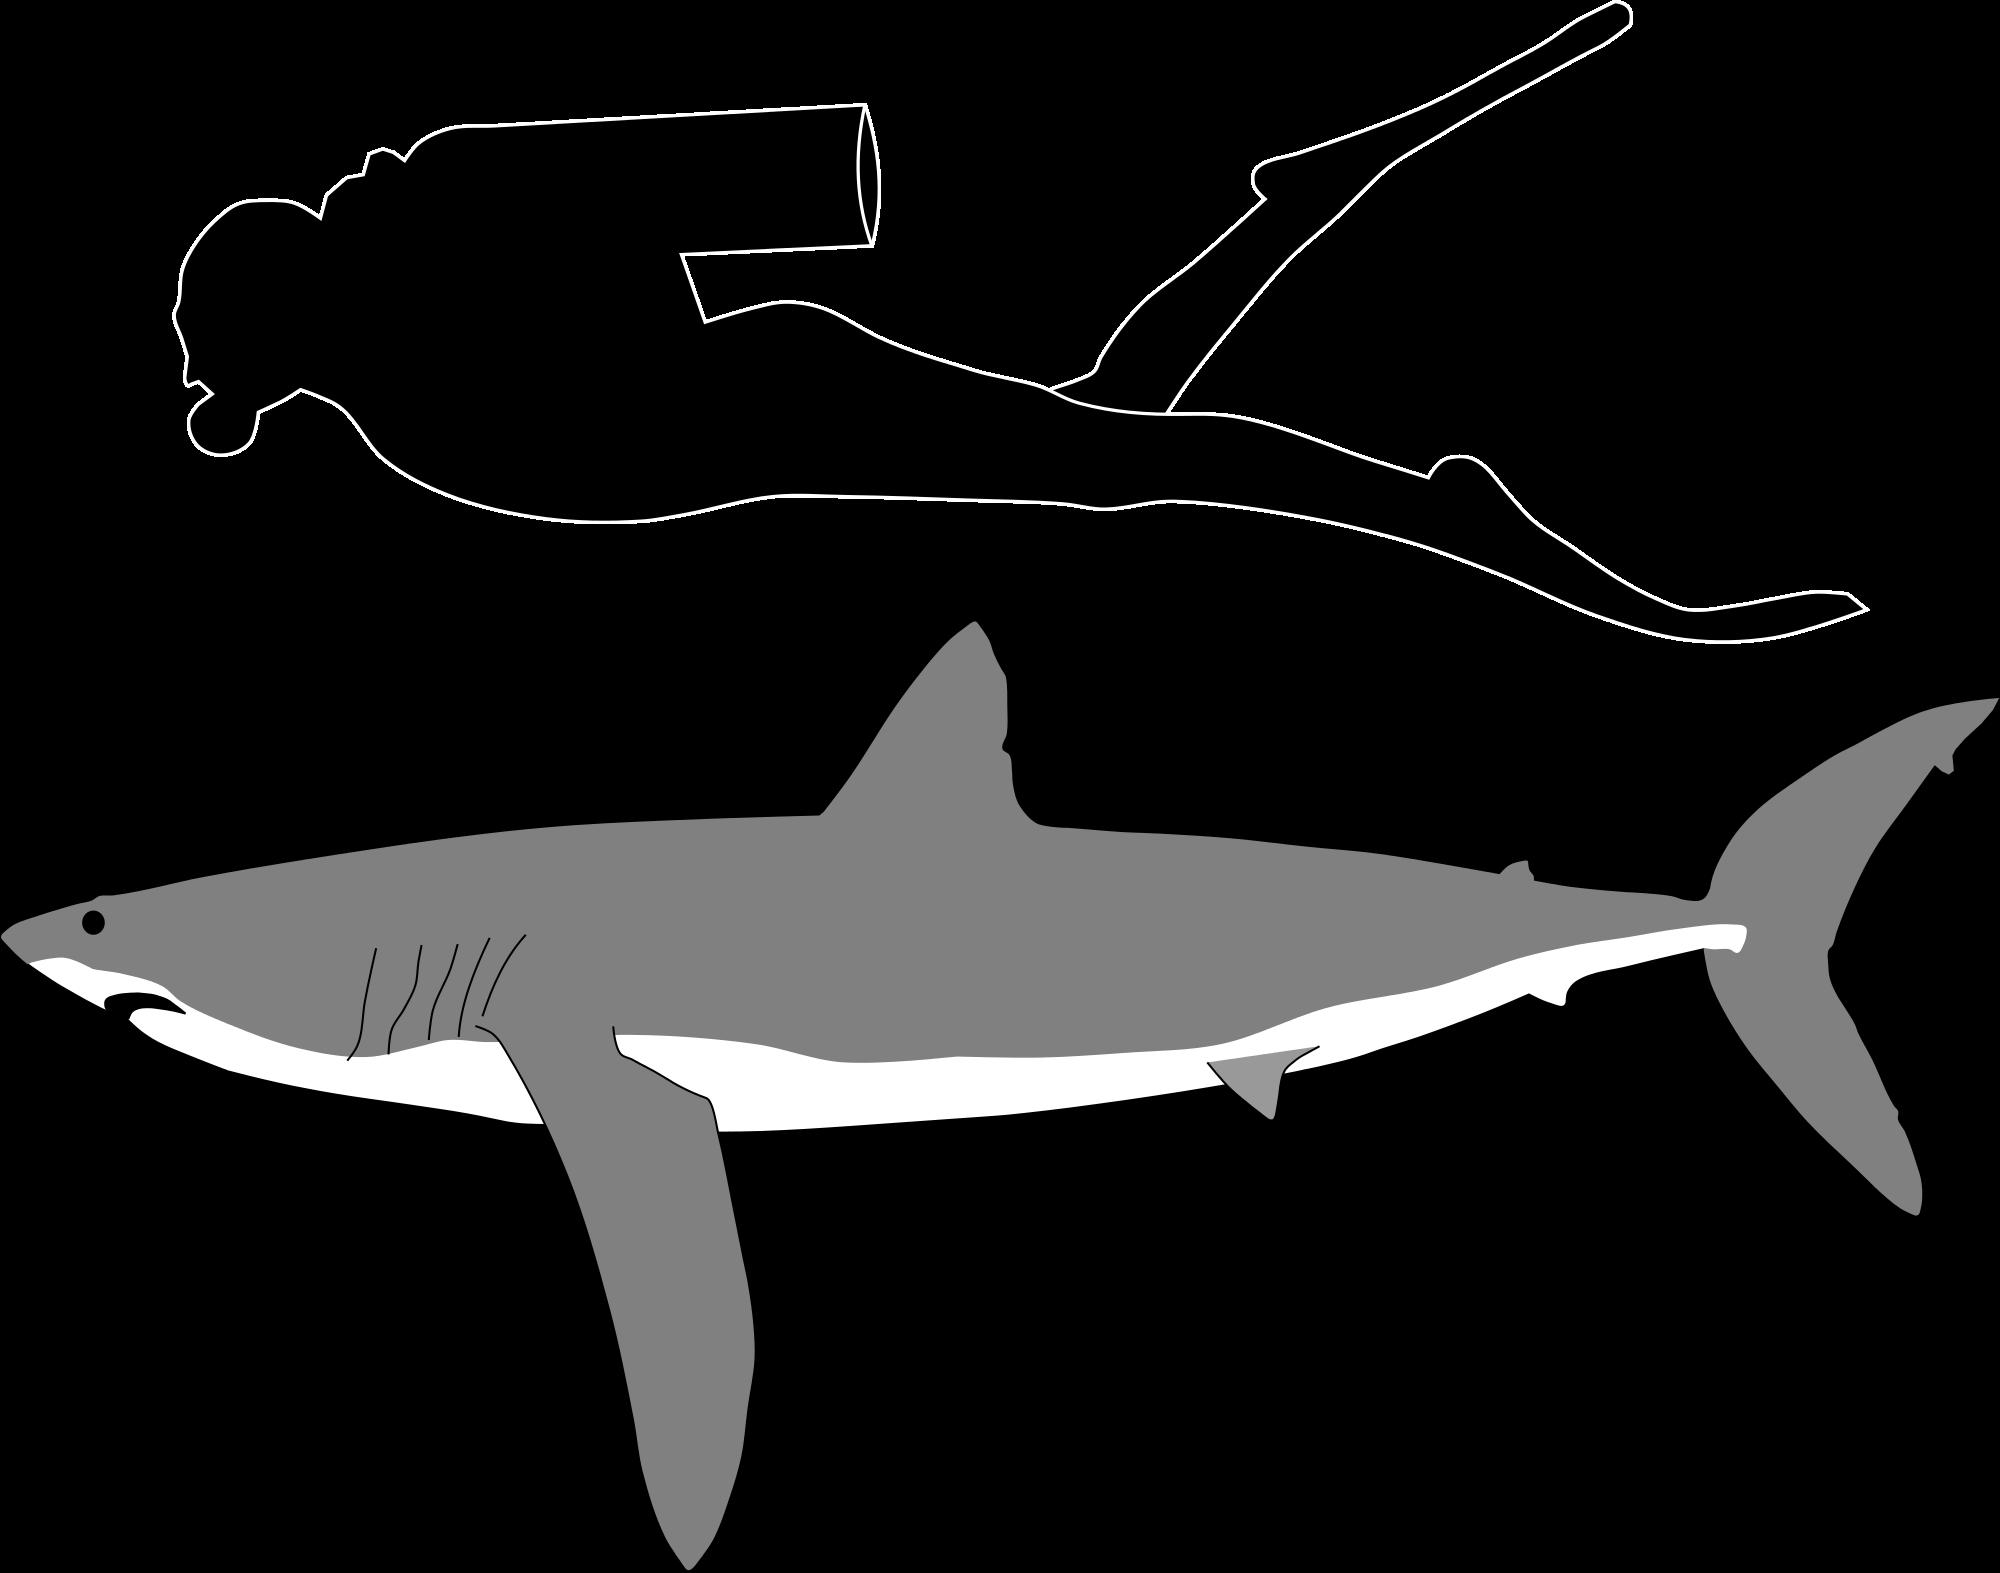 Clipart shark mako shark. Super sharks on emaze